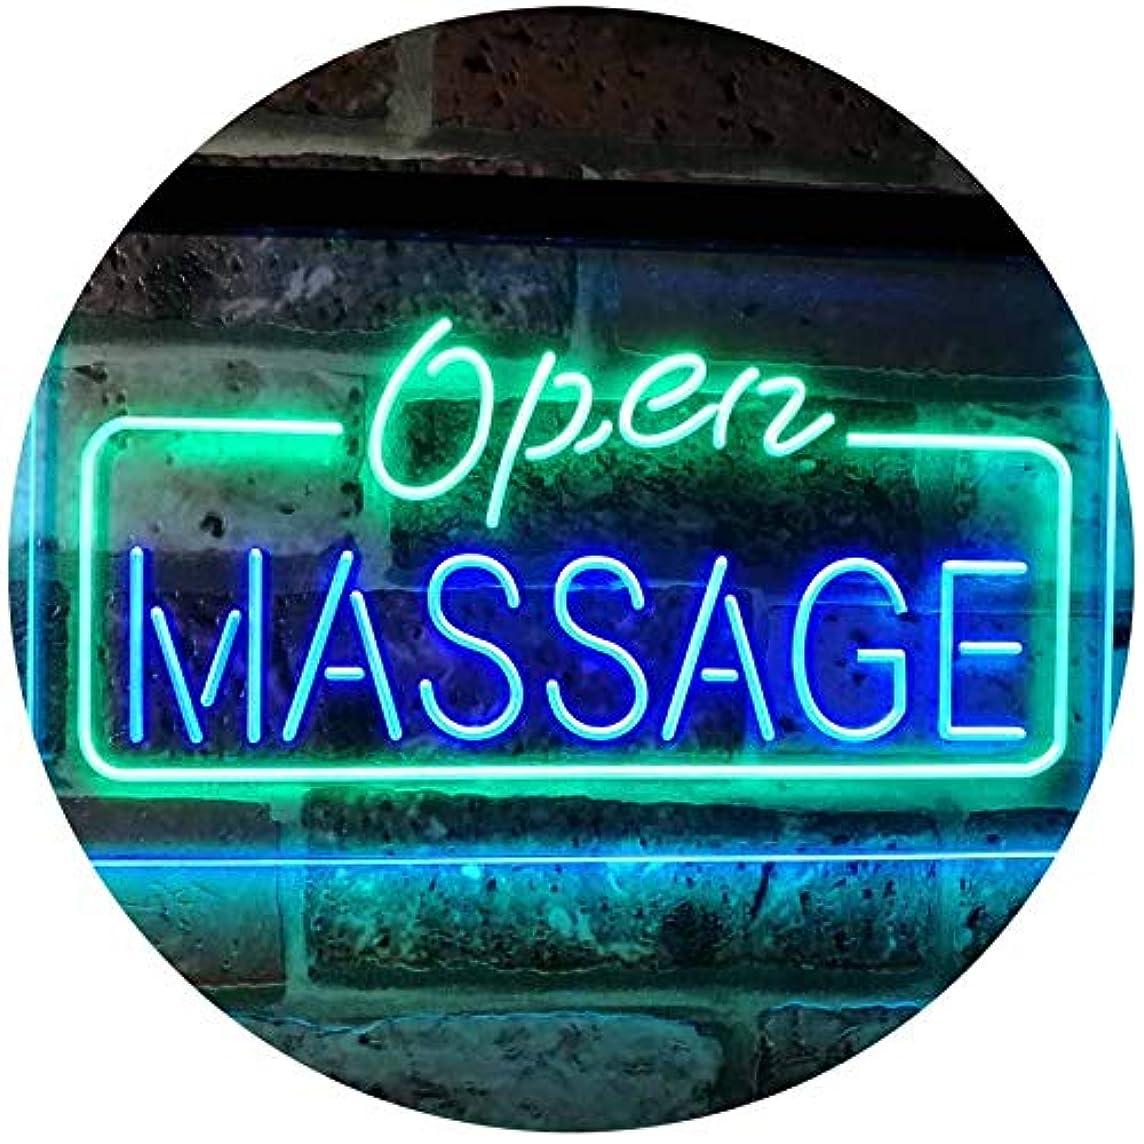 薄めるスピリチュアル確認してくださいMassage Therapy Open Walk-In-Welcome Display Body Care LED看板 ネオンプレート サイン 標識 Green & Blue 400mm x 300mm st6s43-...